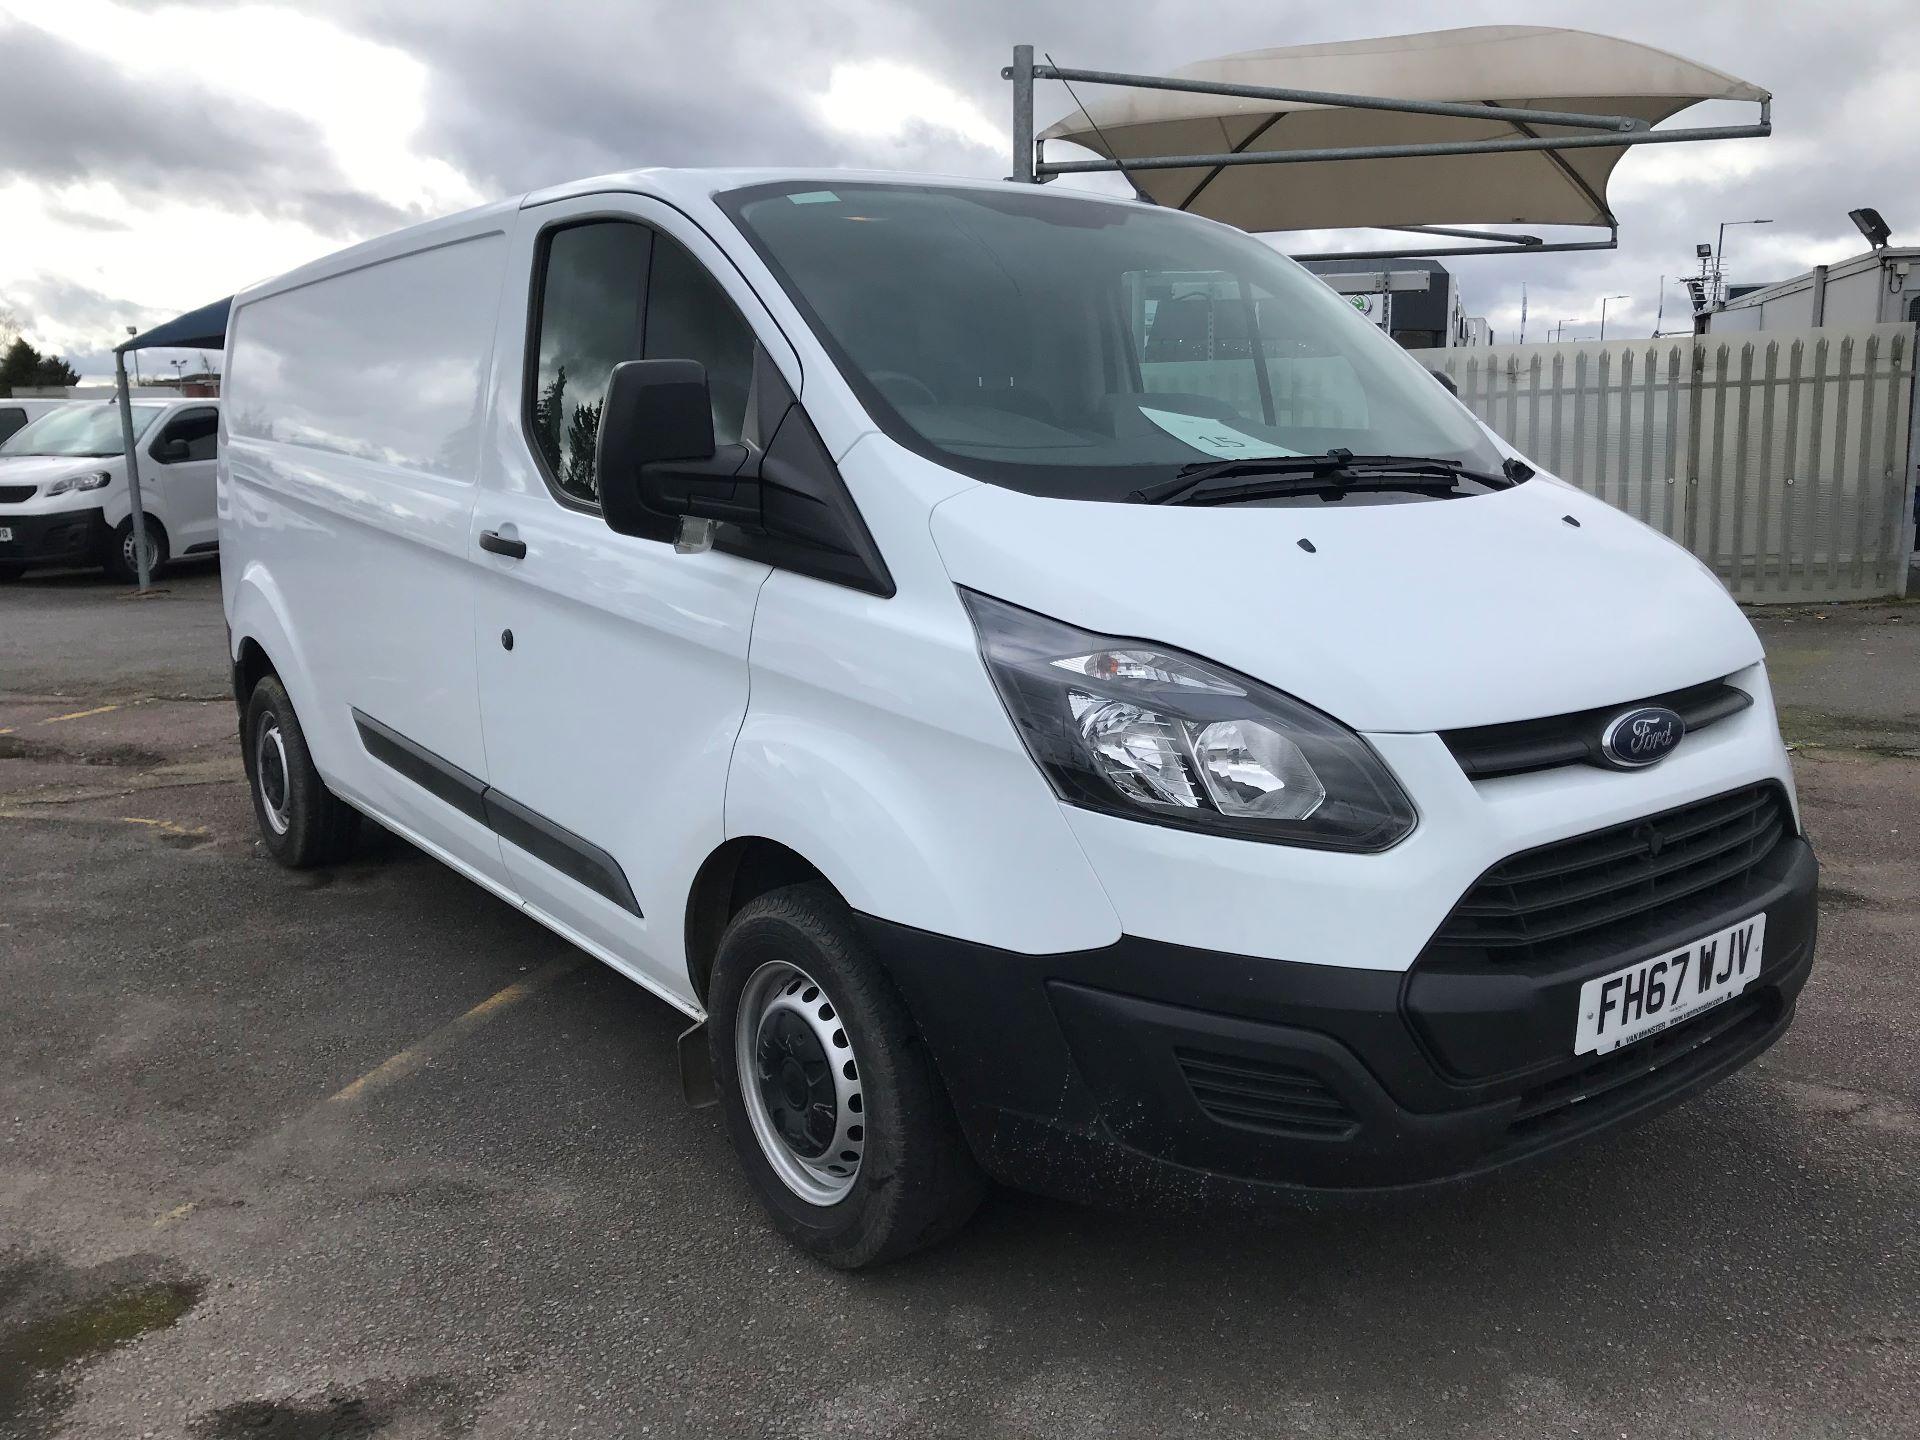 2018 Ford Transit Custom  290 L2 FWD 2.0 TDCI 105PS L/R EURO 6 (FH67WJV)